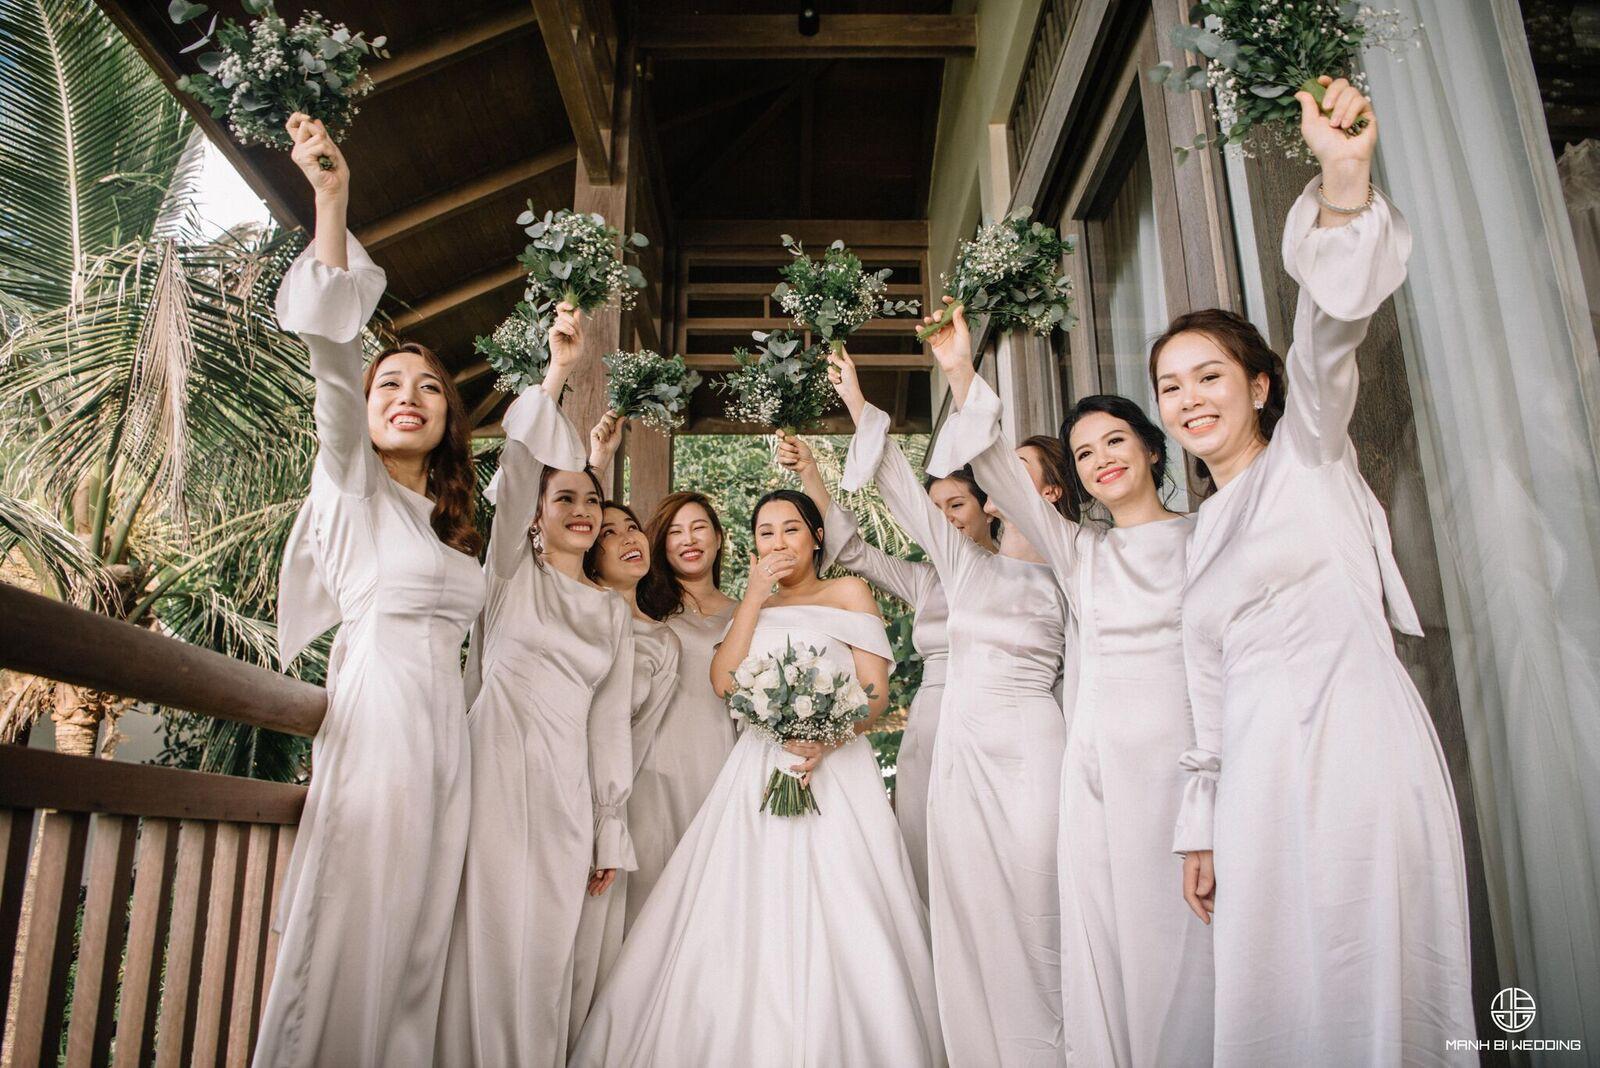 Nhà văn Gào chia sẻ nhiều thông tin thú vị về đám cưới như mơ ngay sau tiệc cưới hoành tráng trên bờ biển - Ảnh 7.